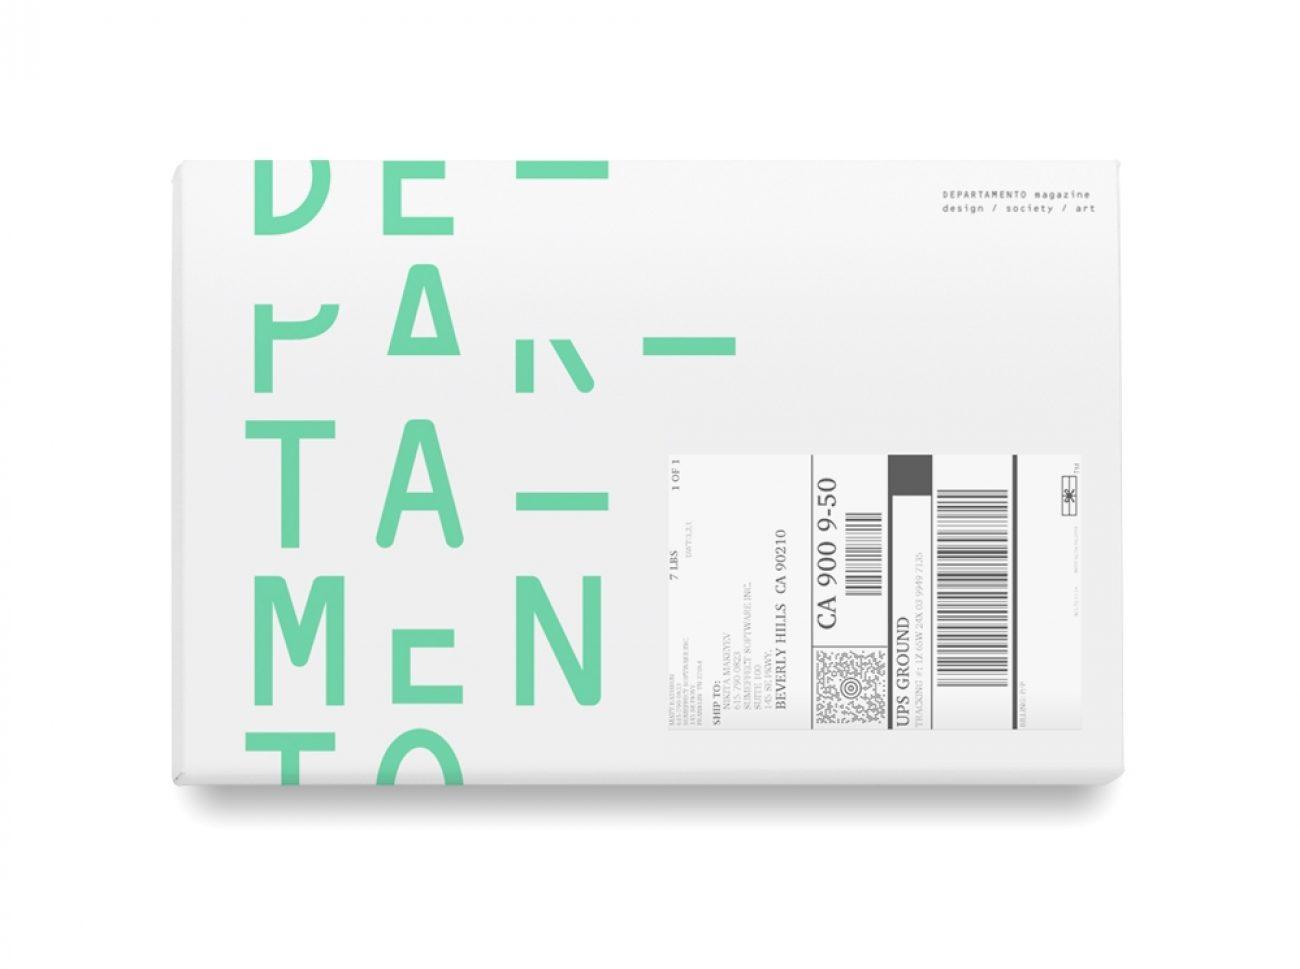 Departamento Magazine by Network Osaka 7 Headline-Worthy Book Mailer Designs